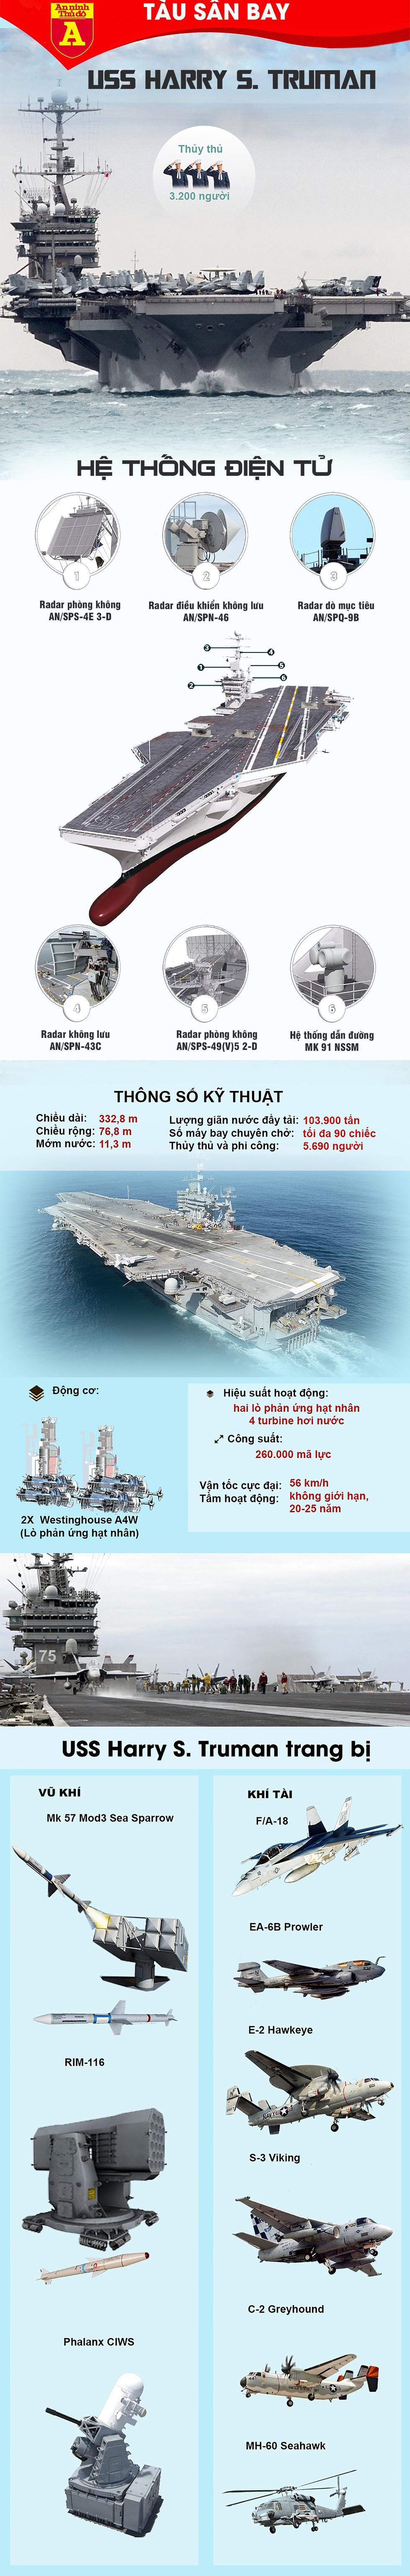 [Infographics] Uy lực kinh hoàng của siêu tàu sân bay Mỹ đang tiến về phía Syria - Ảnh 1